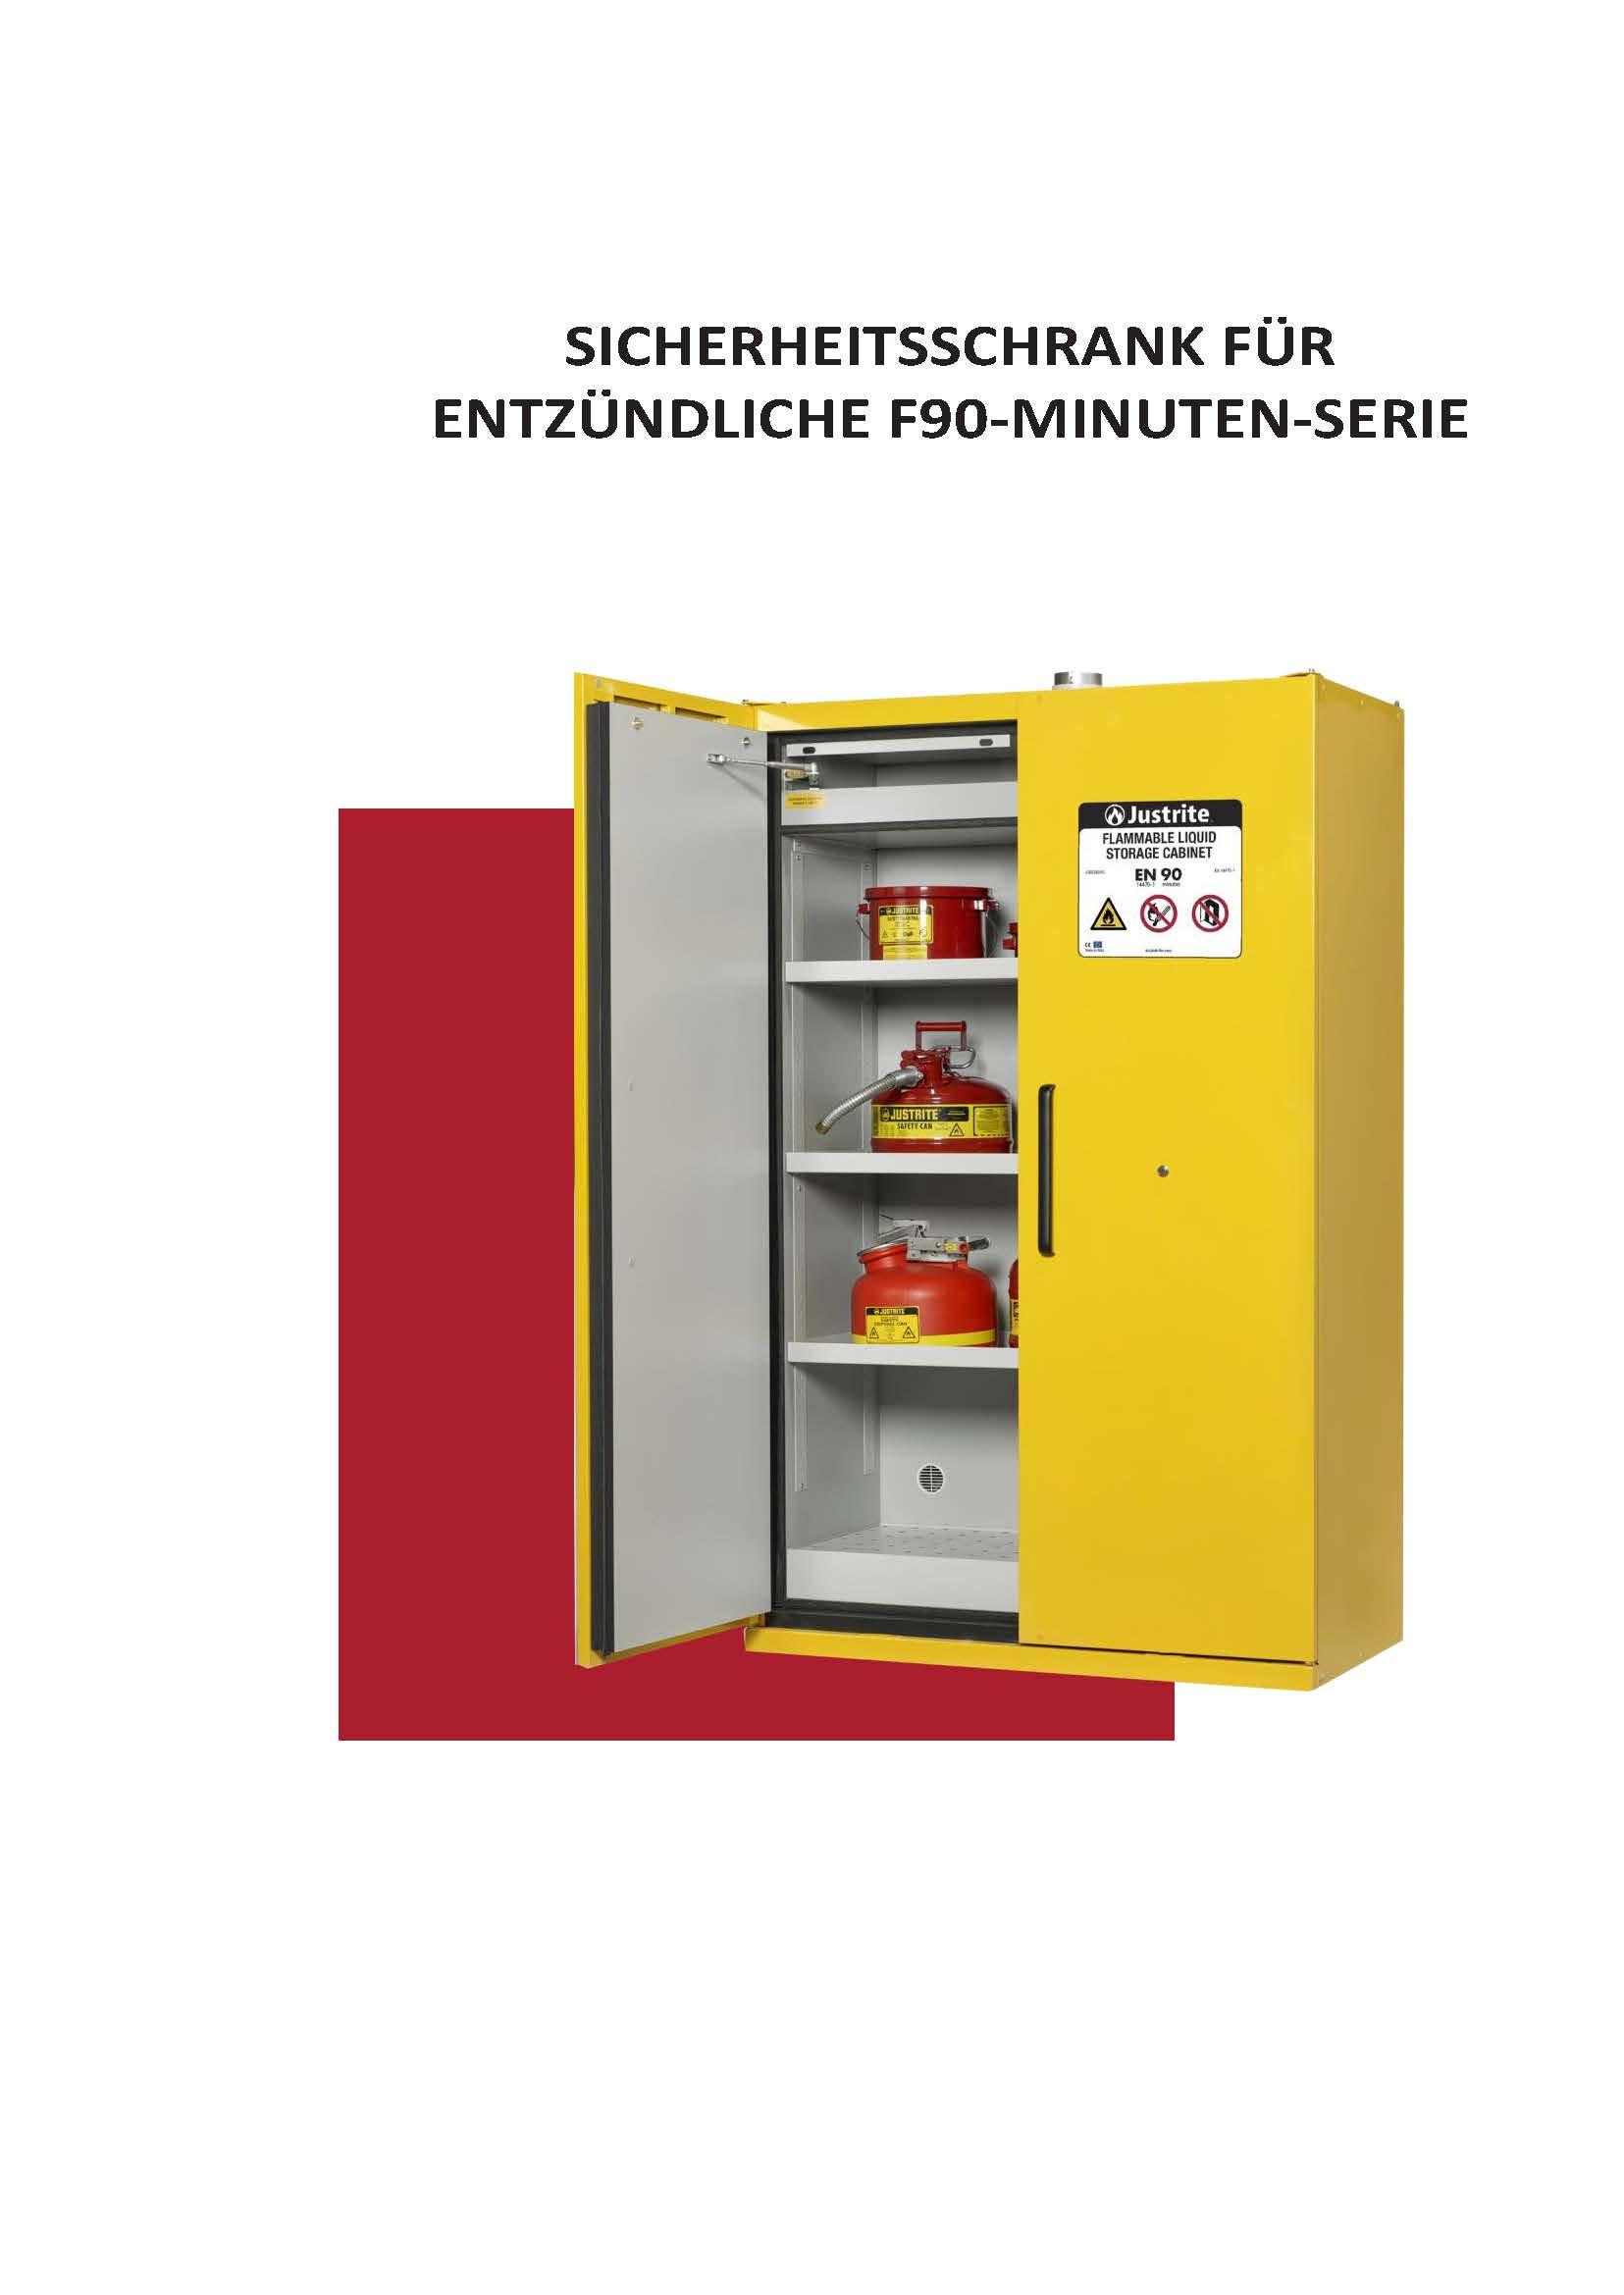 Sicherheitsschrank-F90-Serie-mit-Entlueftungsanschluss-docx000